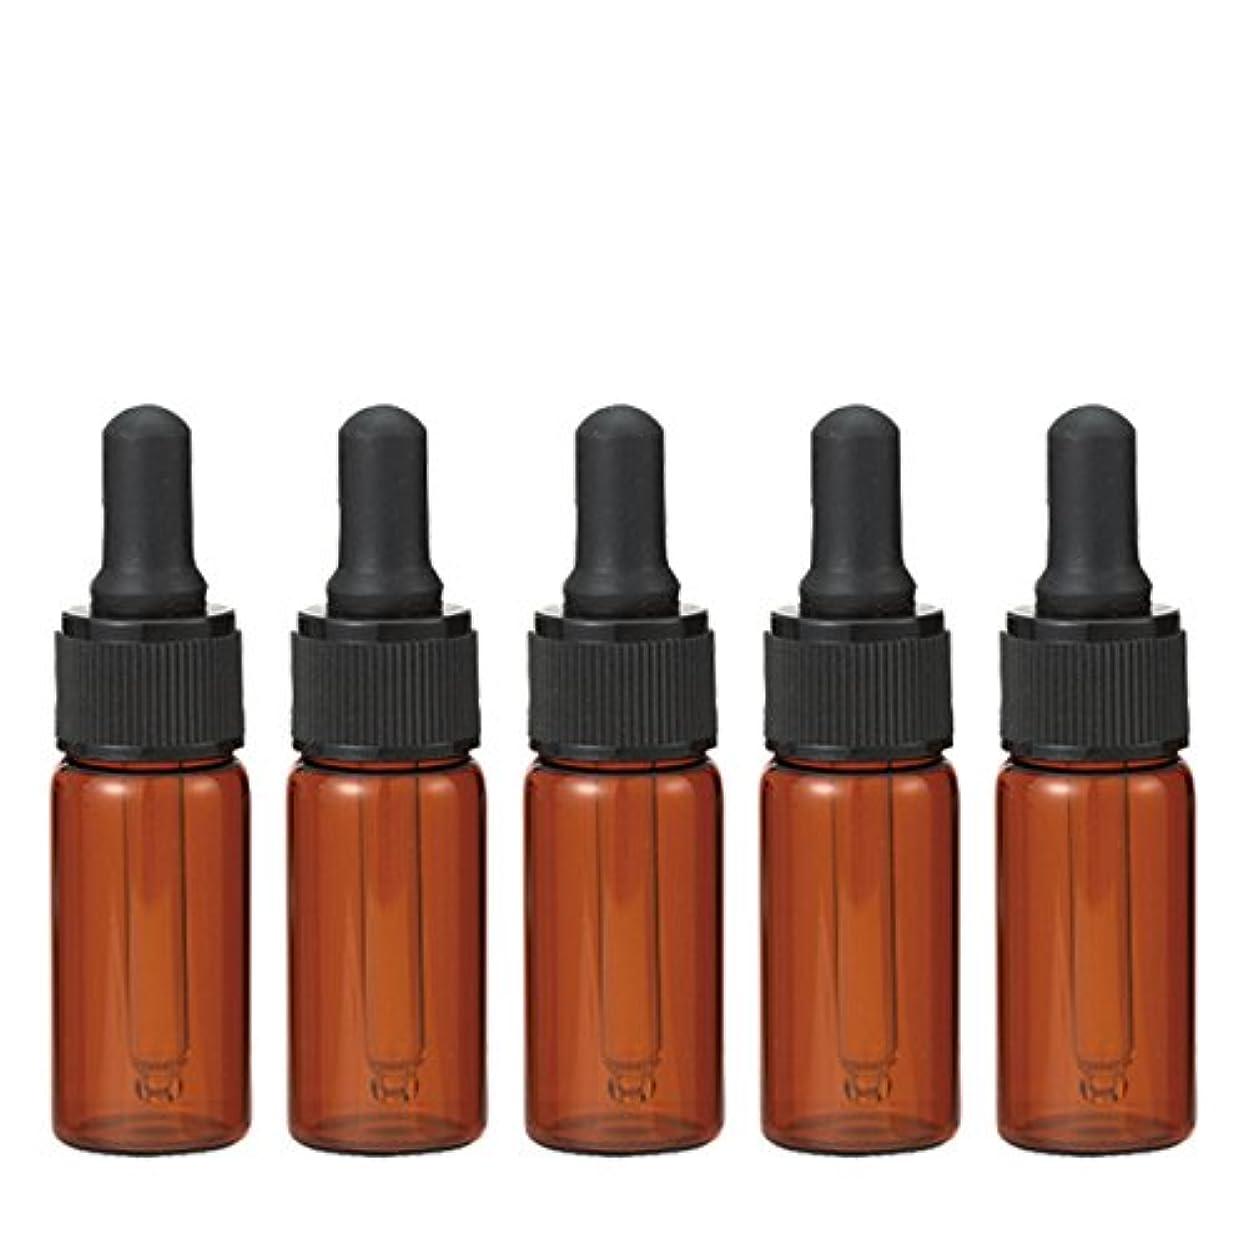 エッセンス夕食を作る測る生活の木 茶色遮光スポイト瓶 10ml (5本セット)